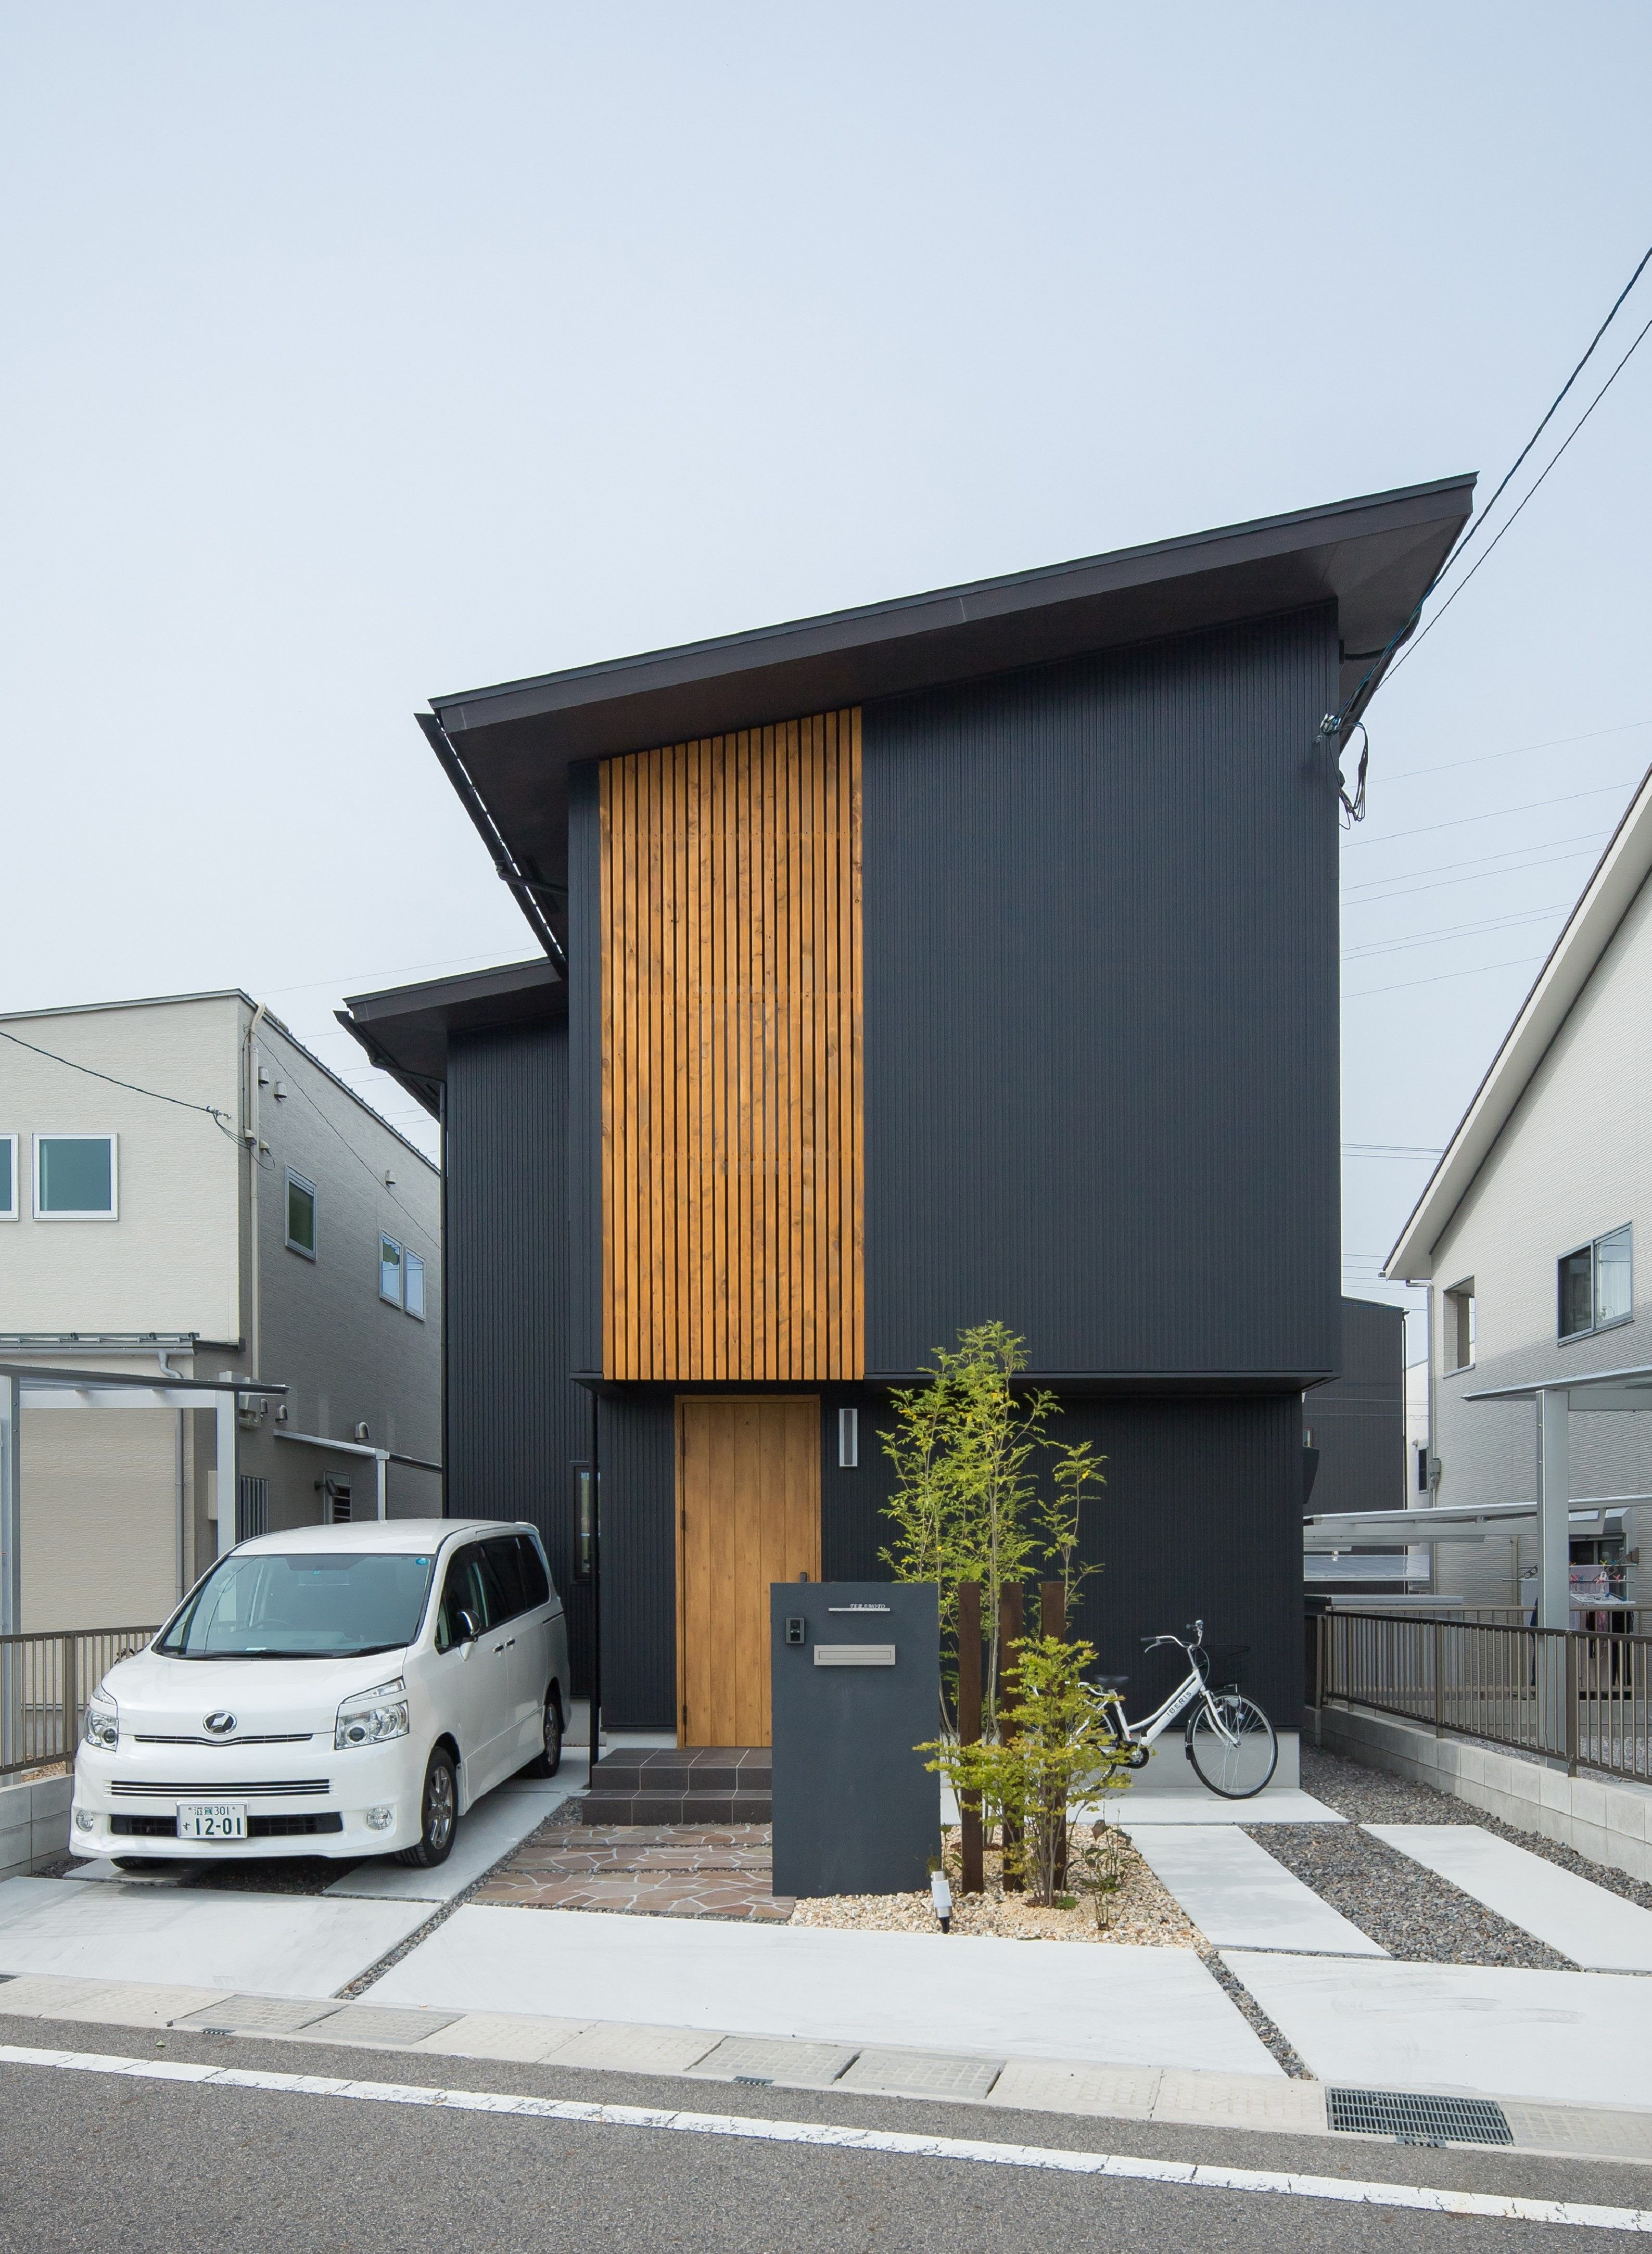 ルポハウス 設計士とつくる家 注文住宅 デザインハウス 自由設計